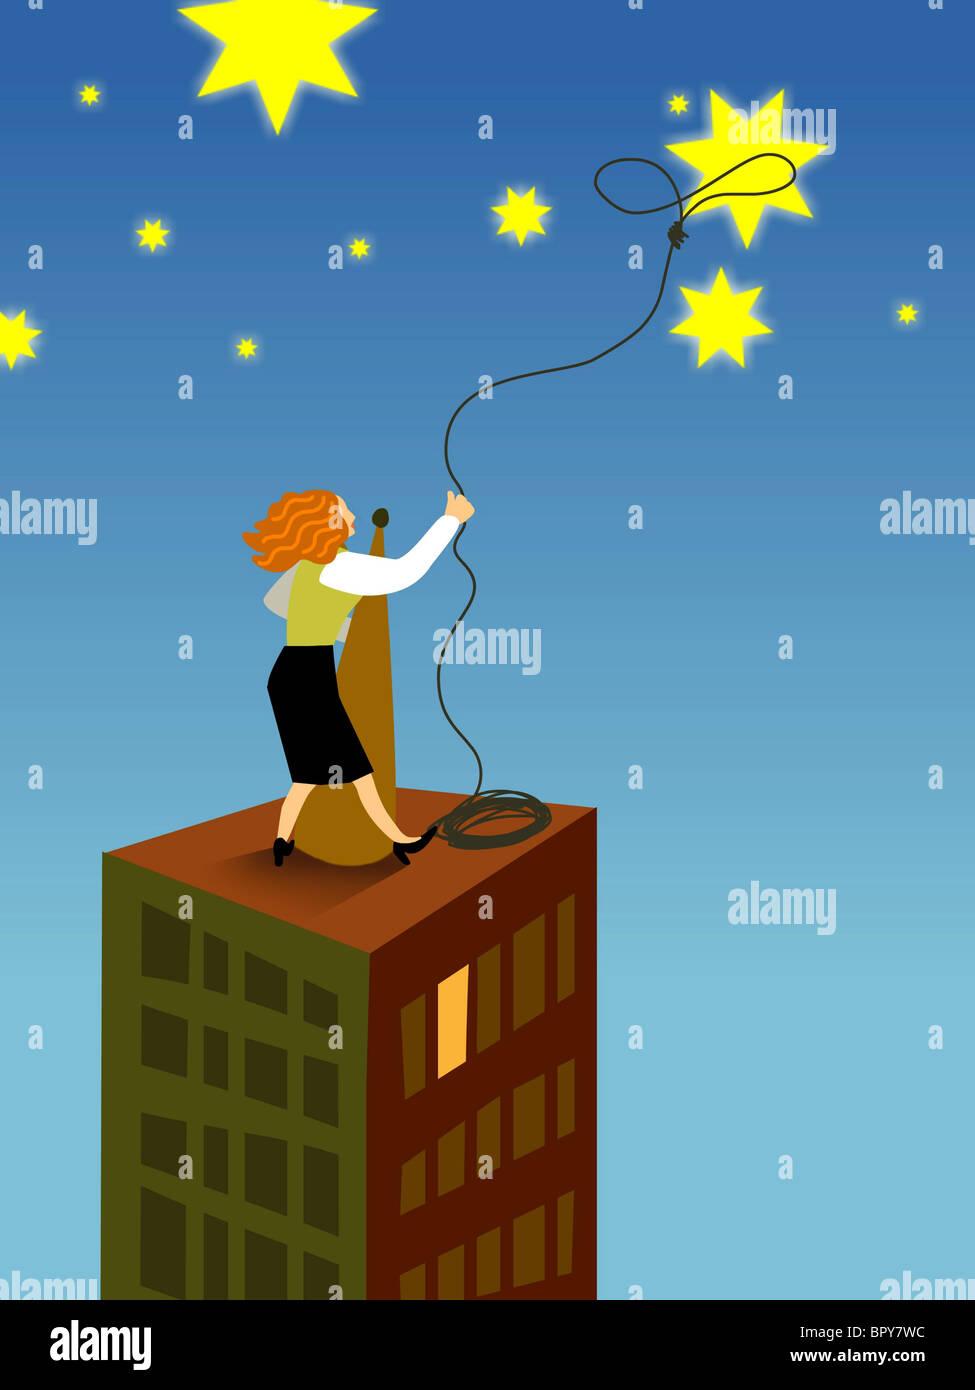 Eine Geschäftsfrau mit dem Lasso eines Stern vom Himmel Stockfoto